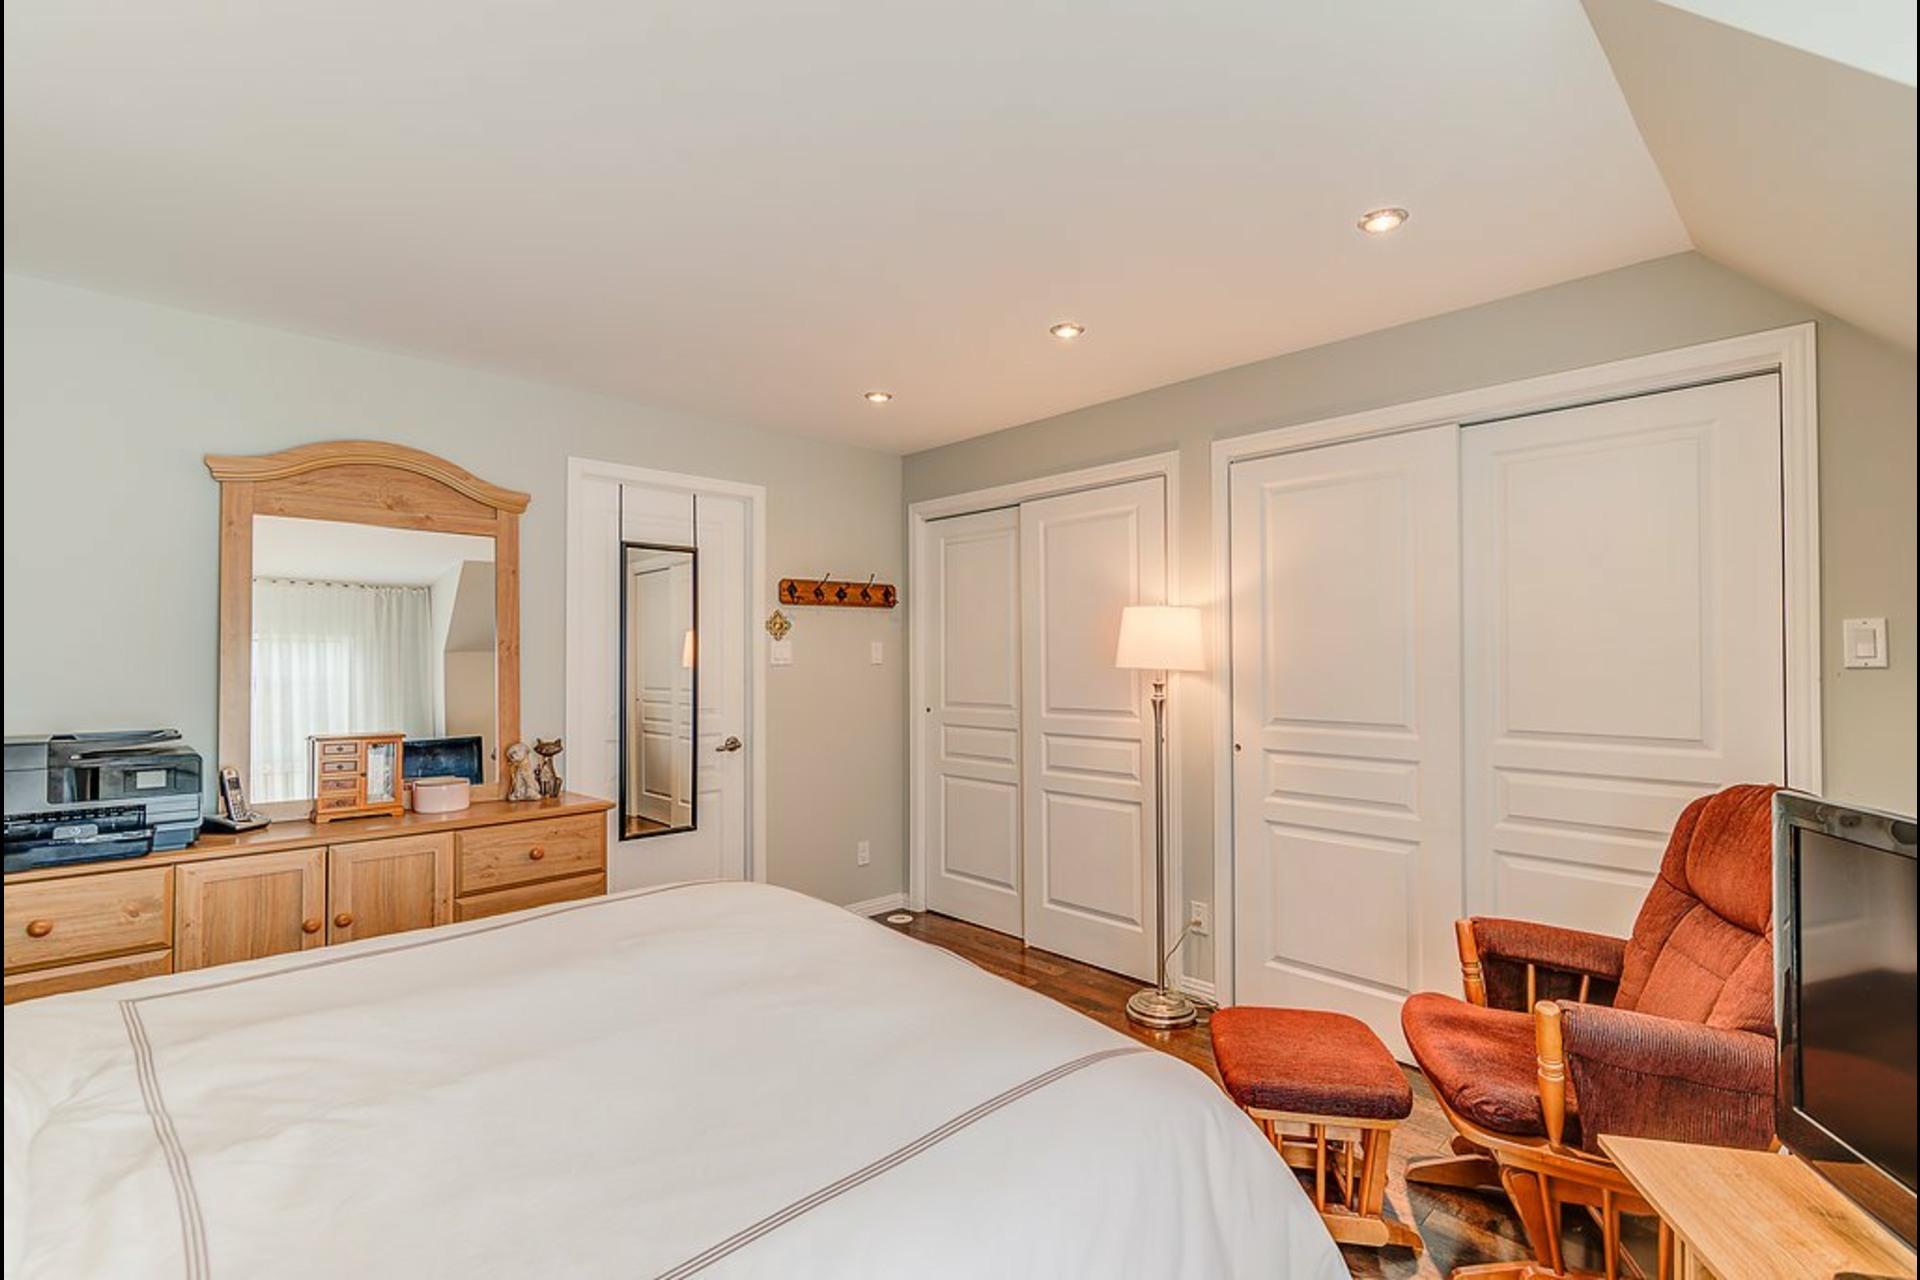 image 10 - Maison À vendre Boisbriand - 9 pièces